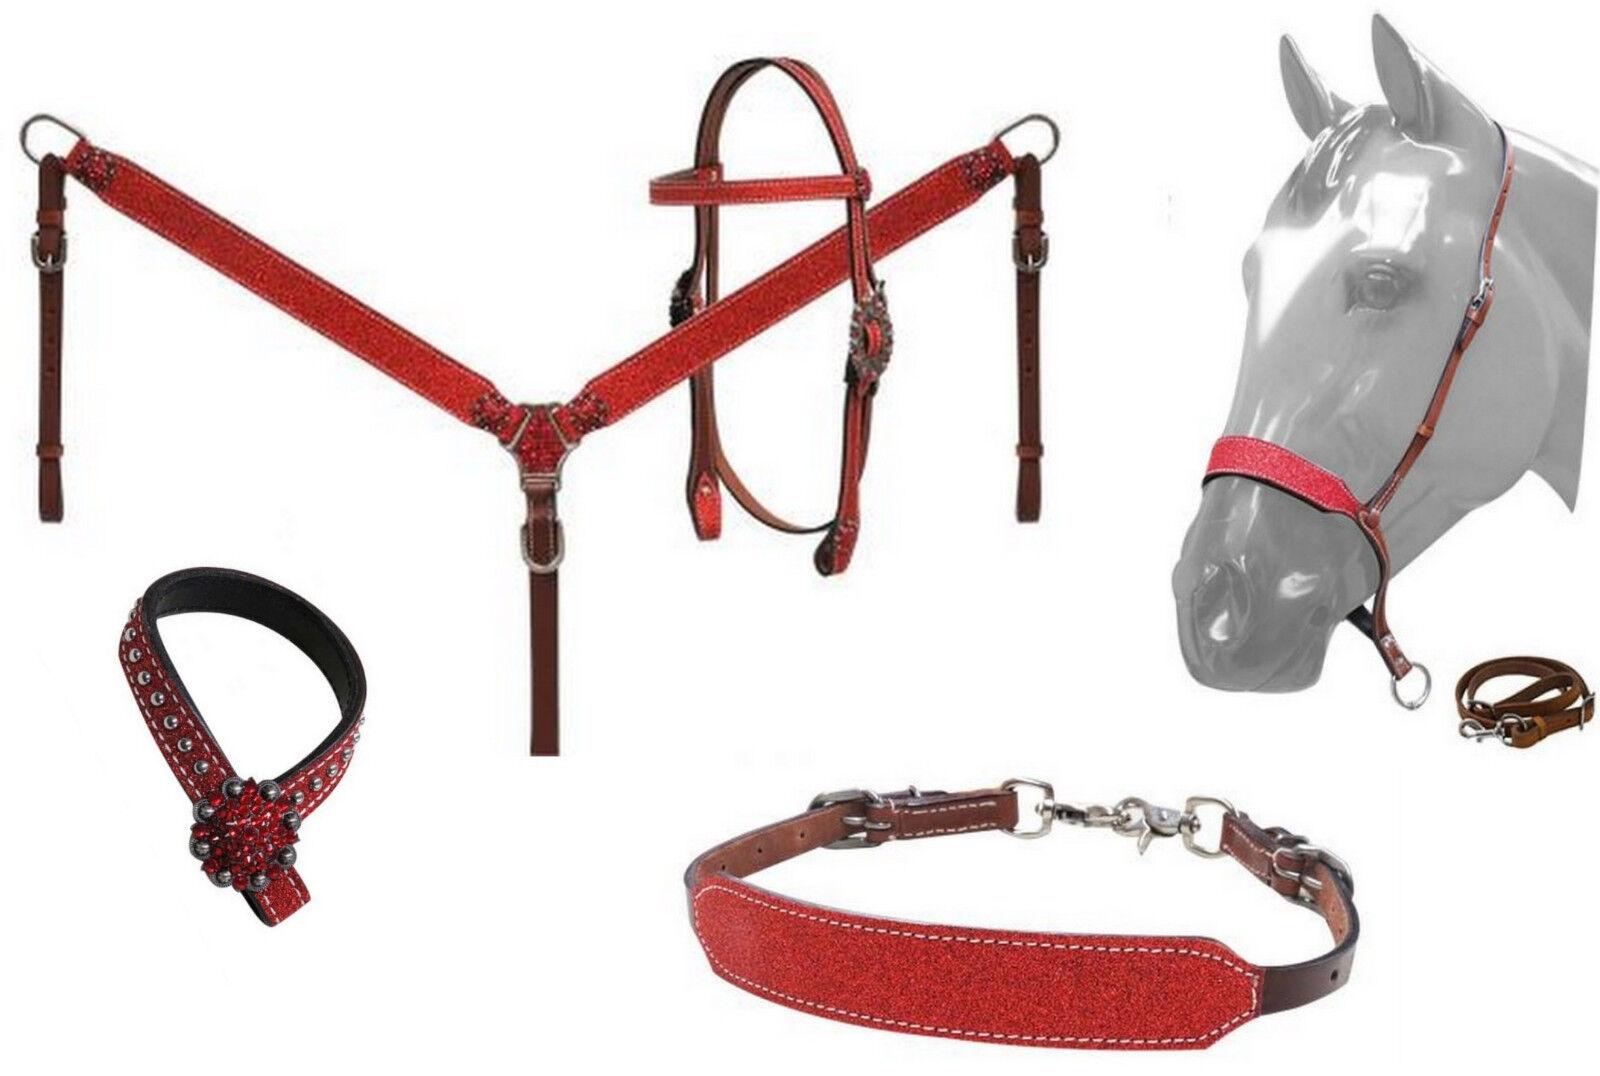 Western Bling  5pc Cuero Tachuela Set  Cabezada De Caballo Con Riendas + pecho Collar  entrega rápida